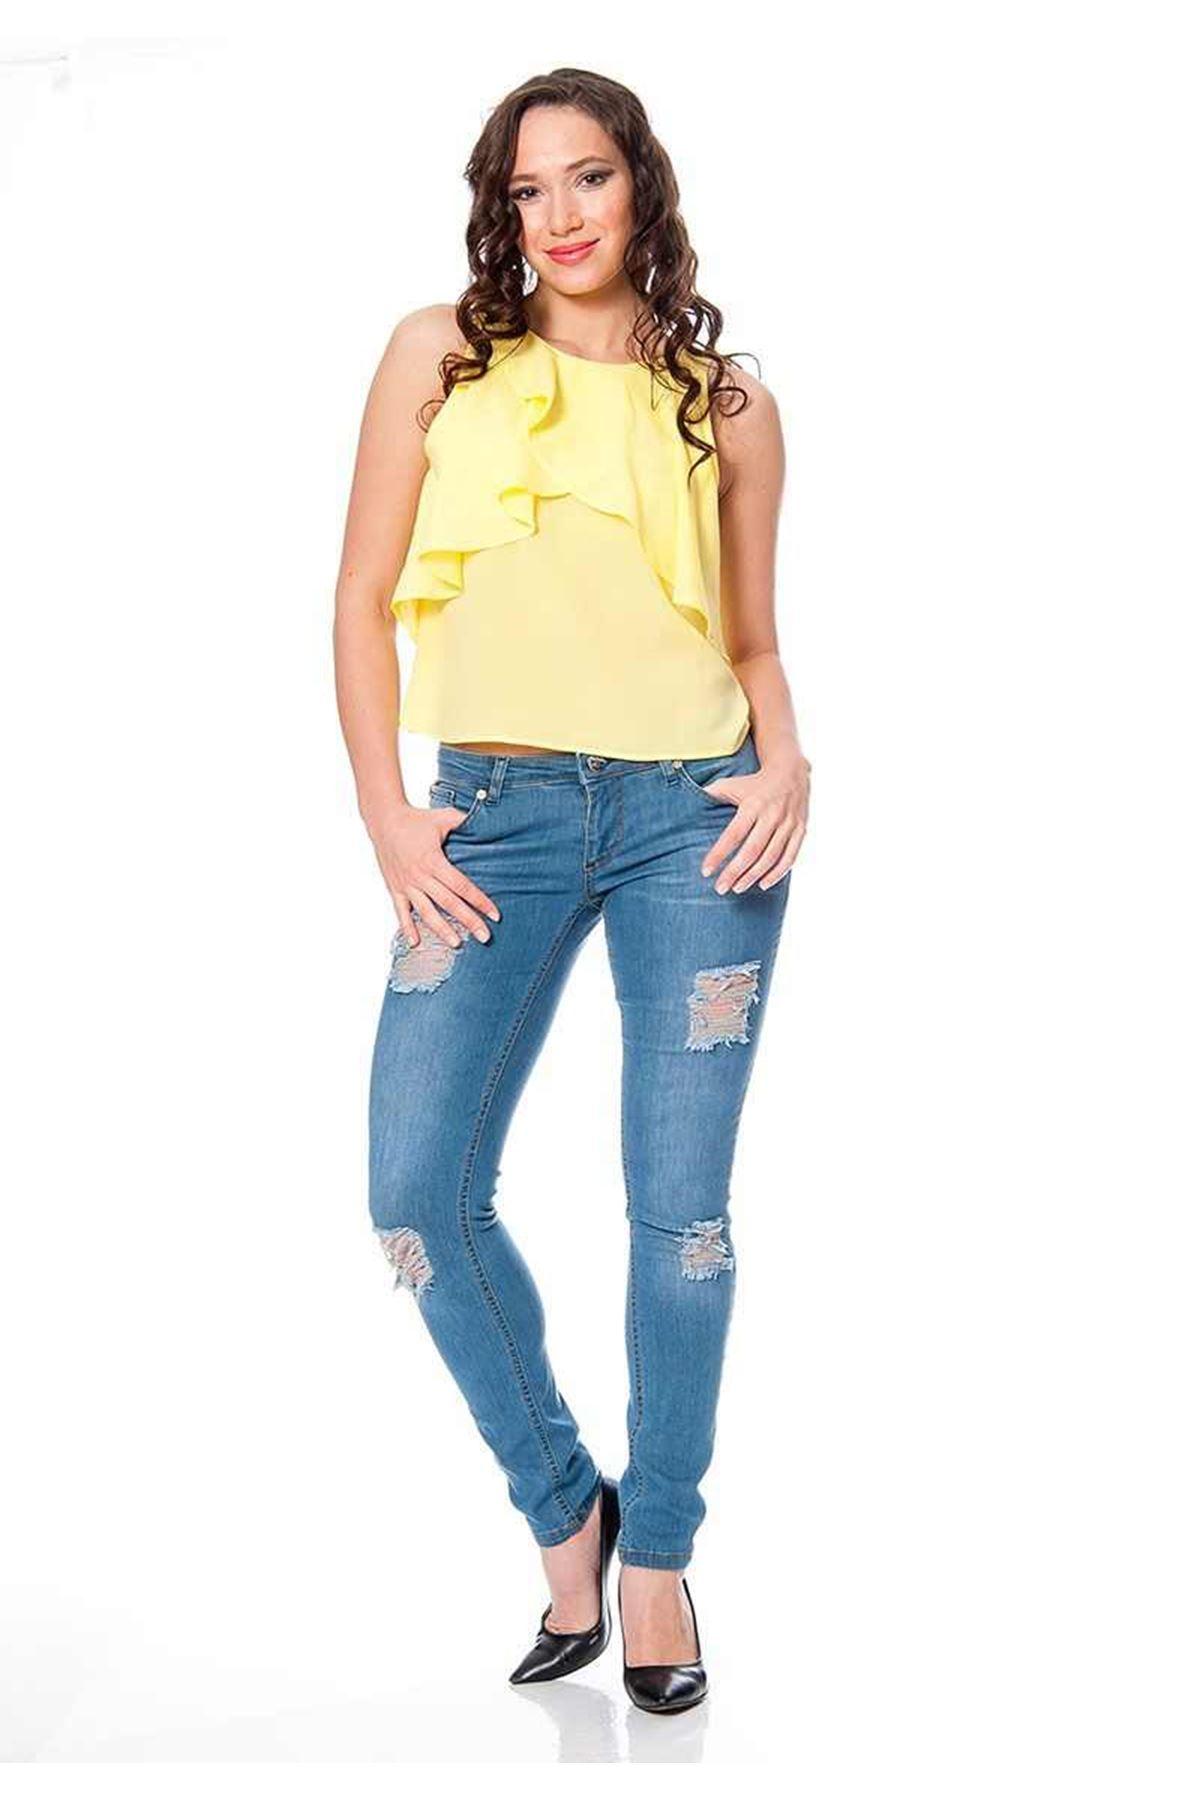 Mavi Yırtık Kadın Kot Pantolon 5A-110568